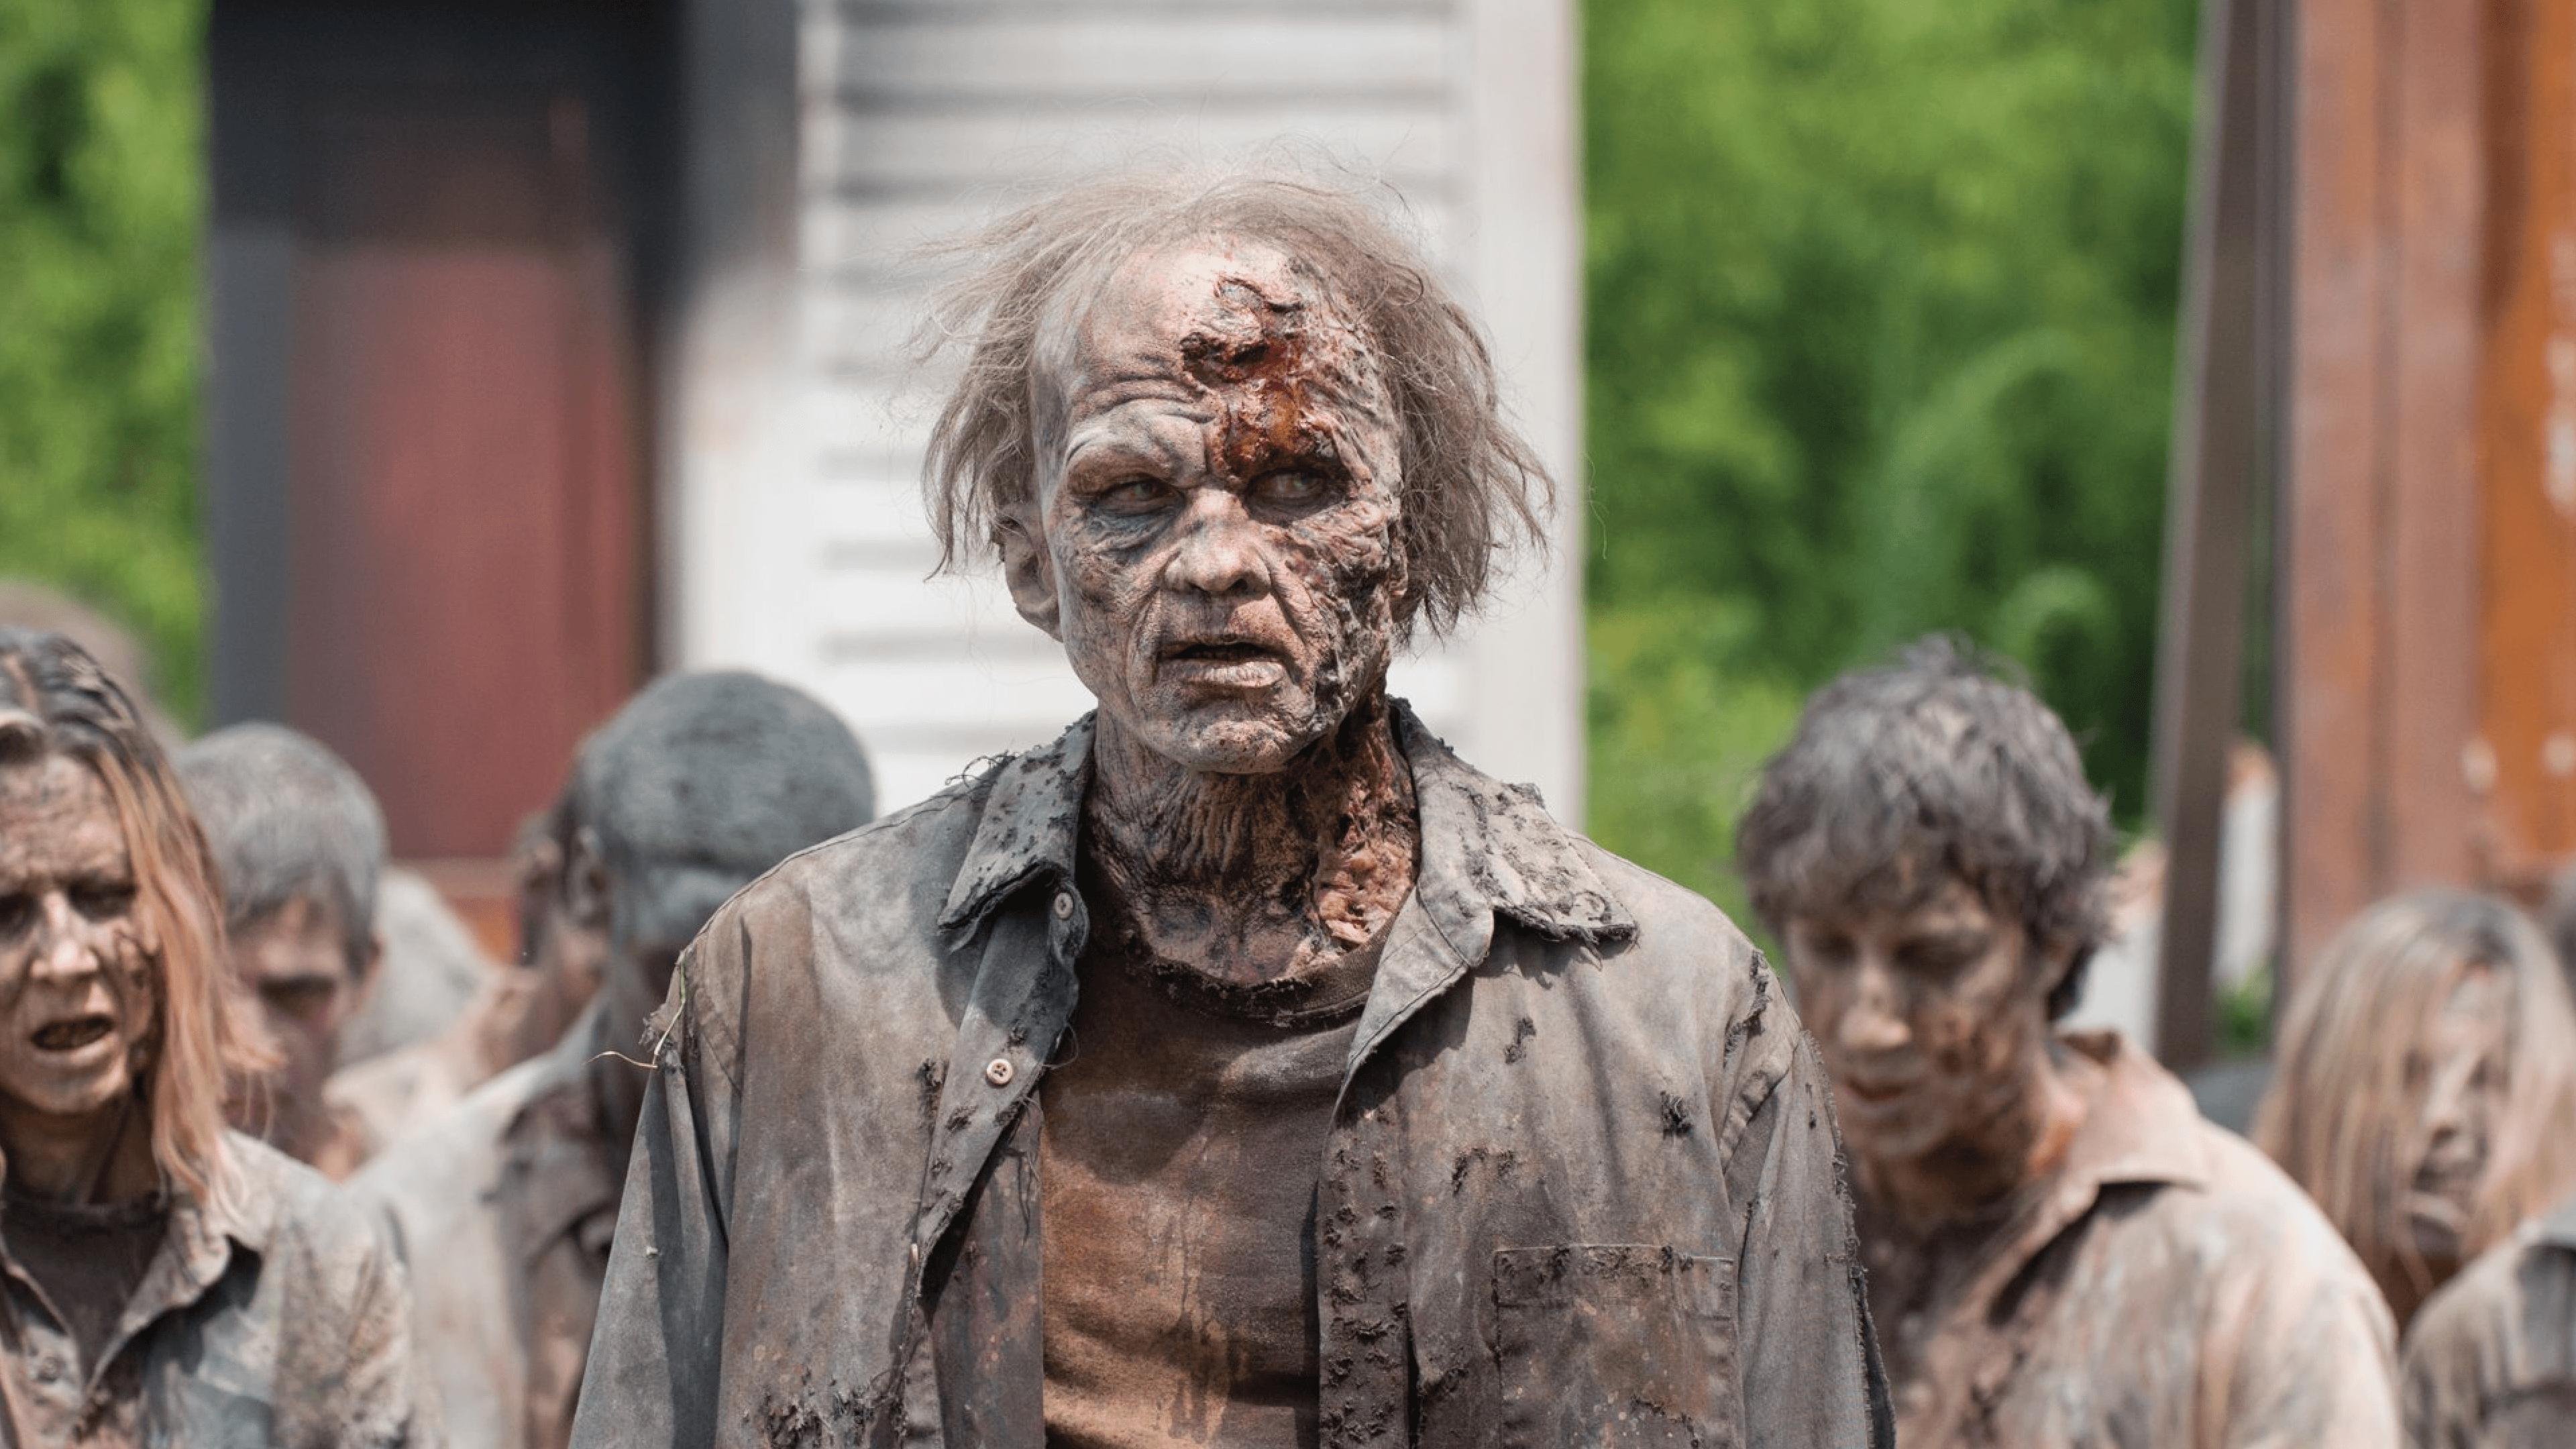 The Walking Dead – Nova série se situará APÓS os eventos apocalípticos